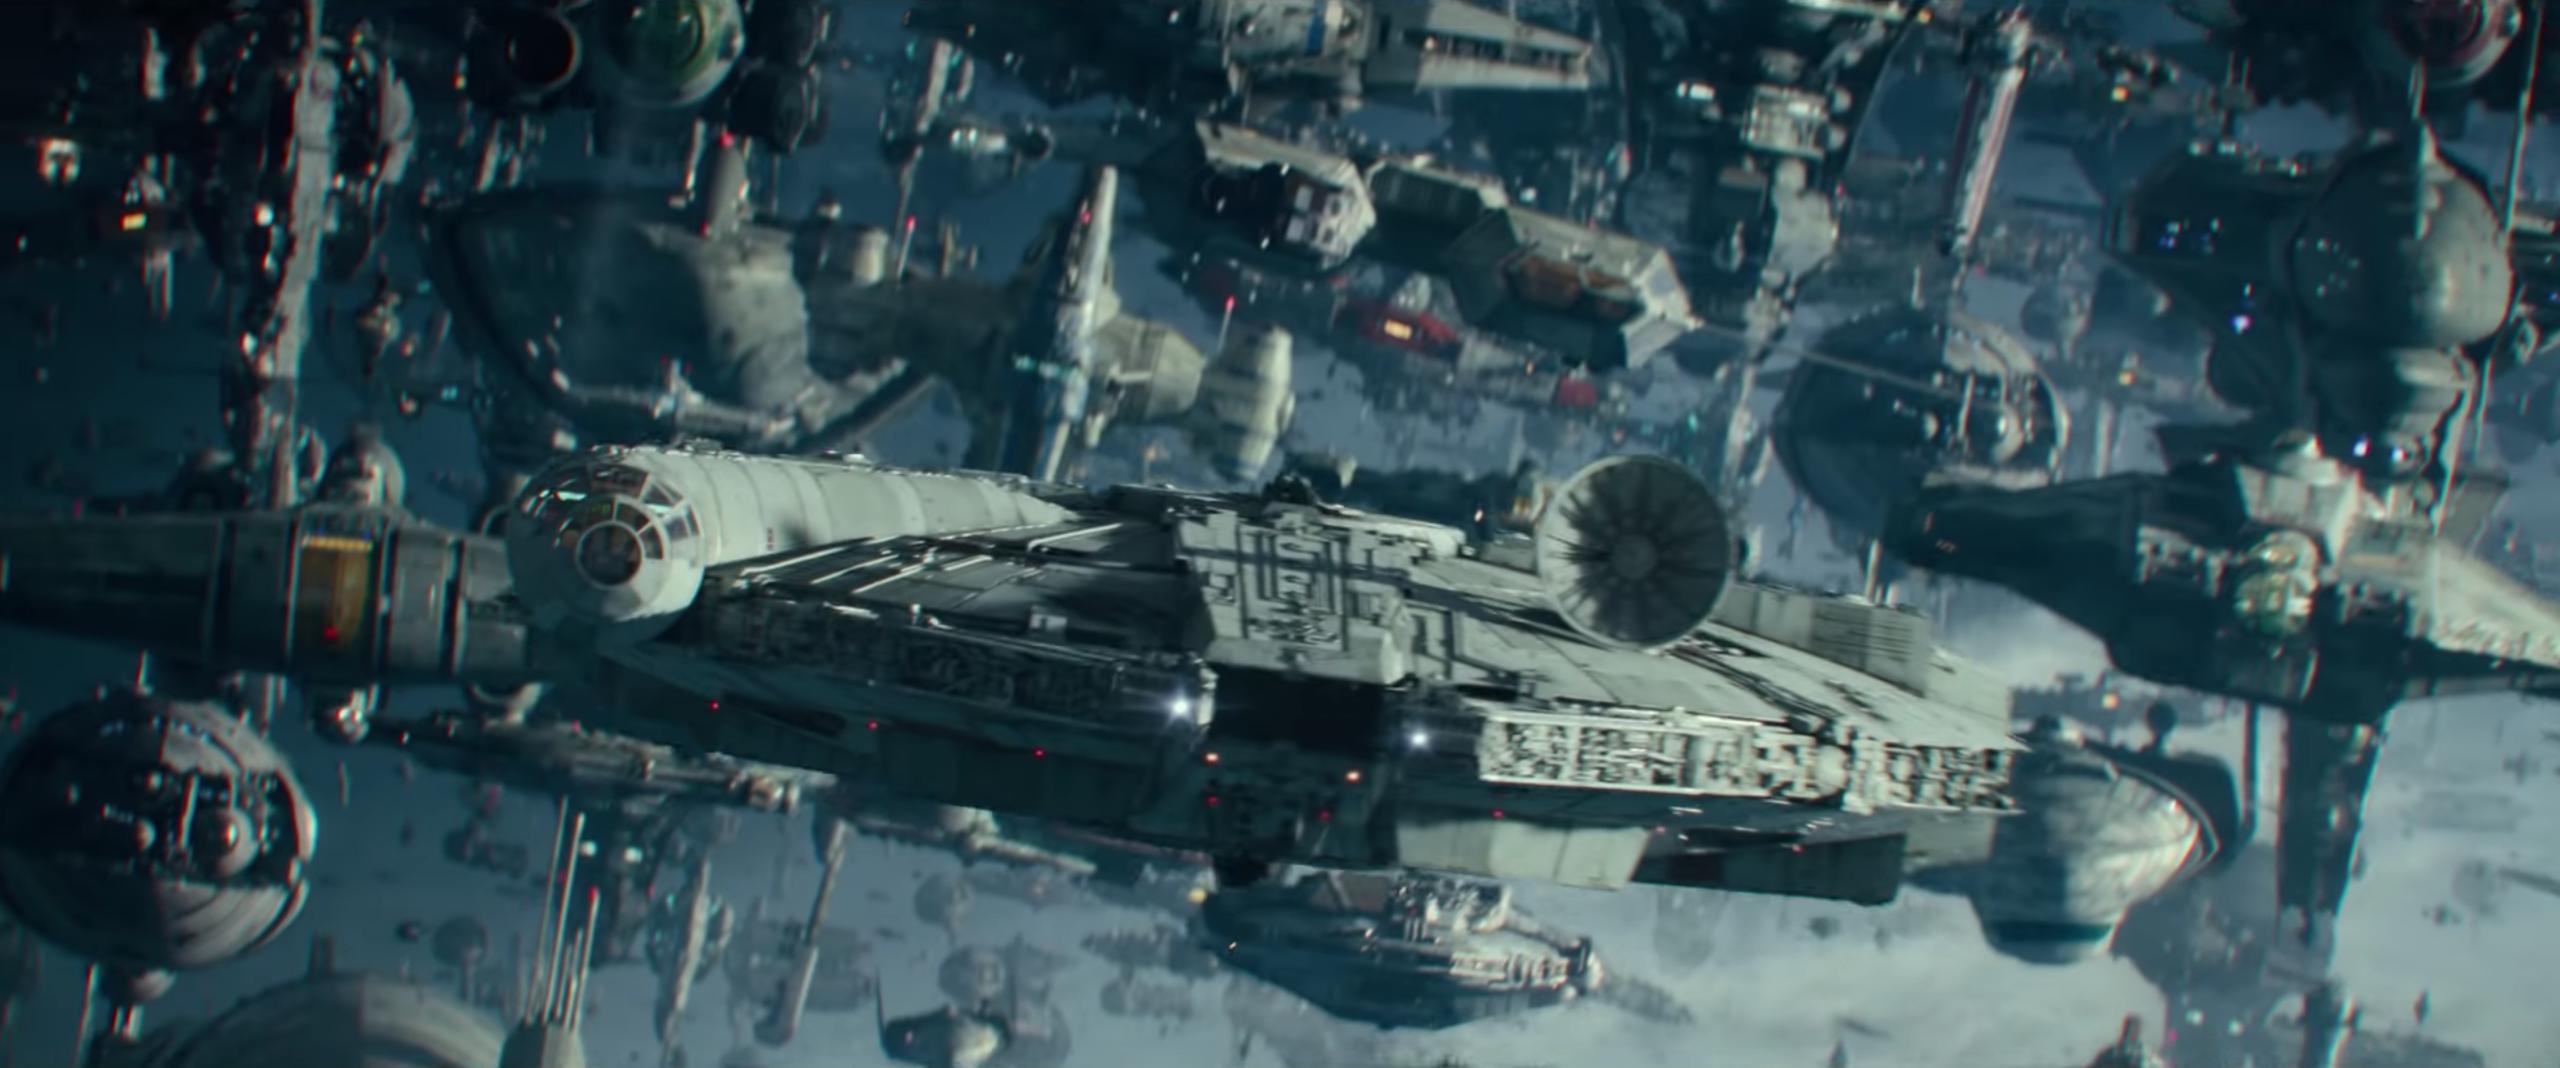 Star Wars The Rise Of Skywalker Final Trailer Breakdown Time